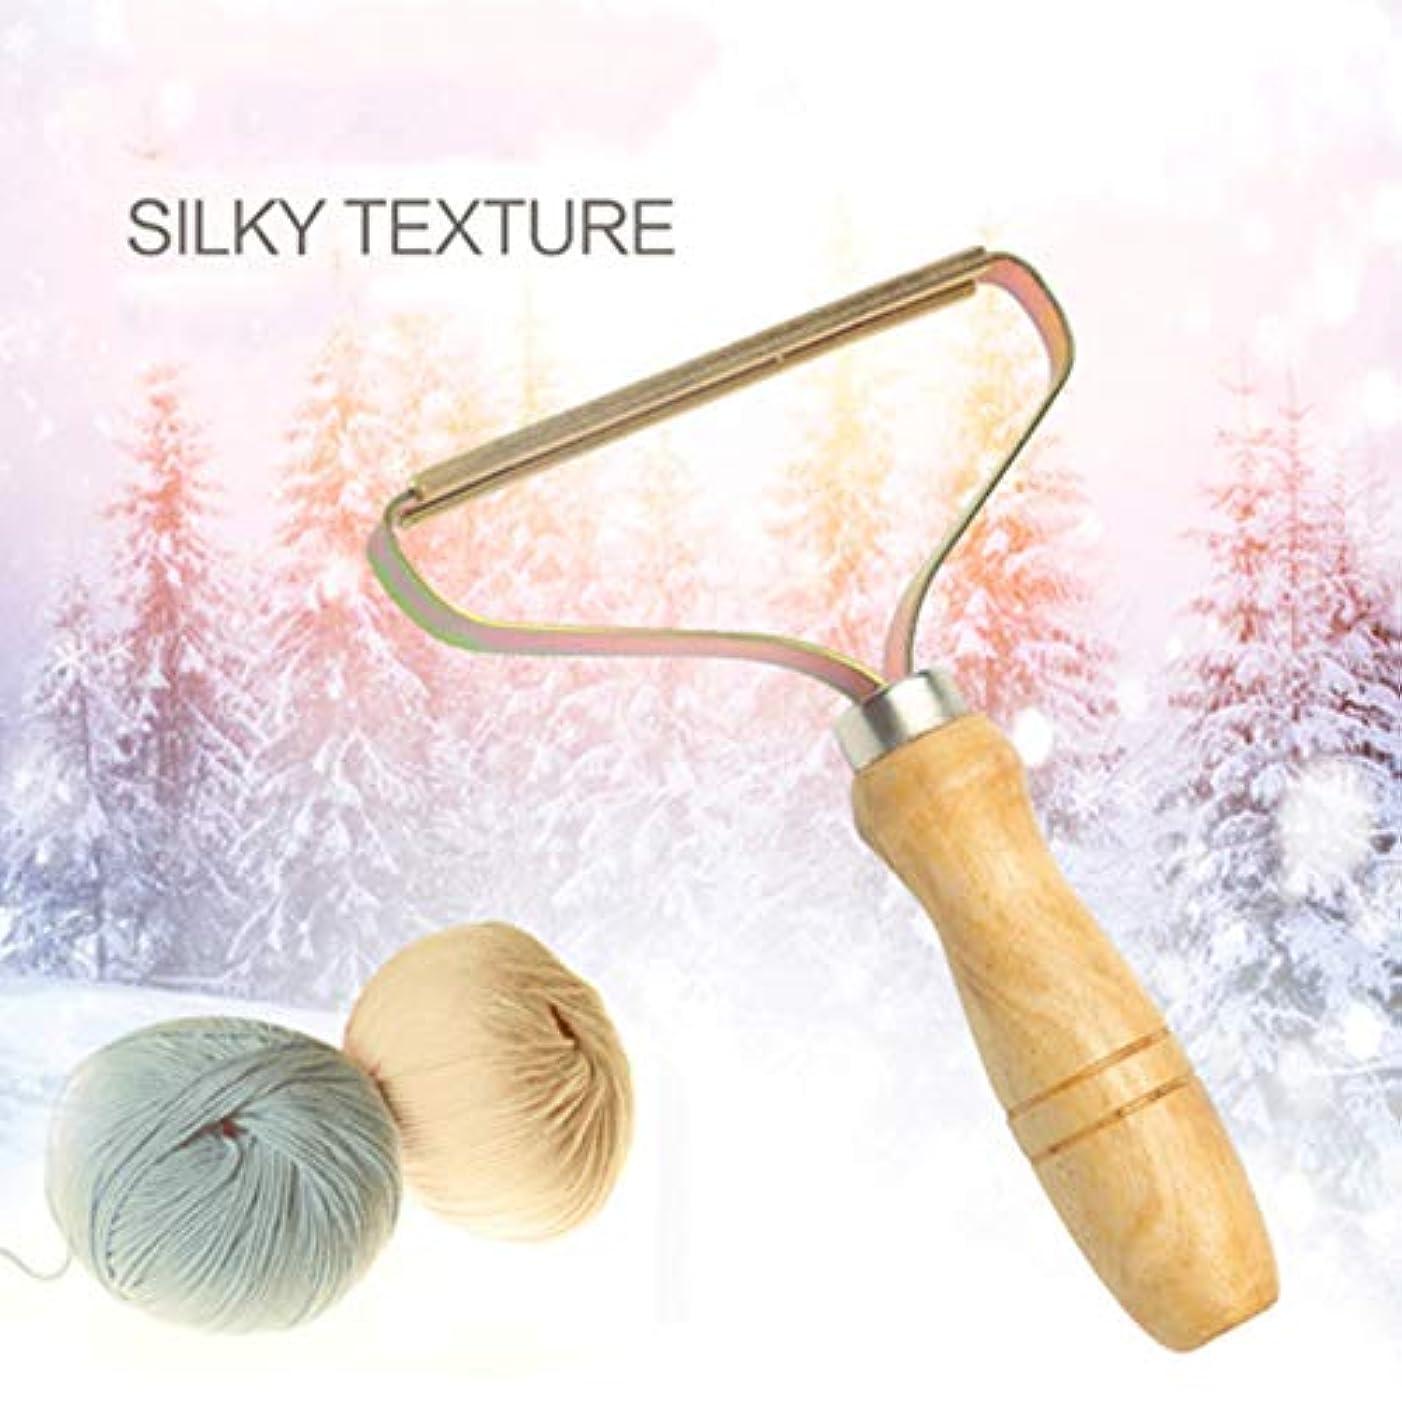 再編成するどこ動機付けるfeelingood Portable Lint Remover Clothes Fuzz Shaver Restores Your Clothes and Fabrics